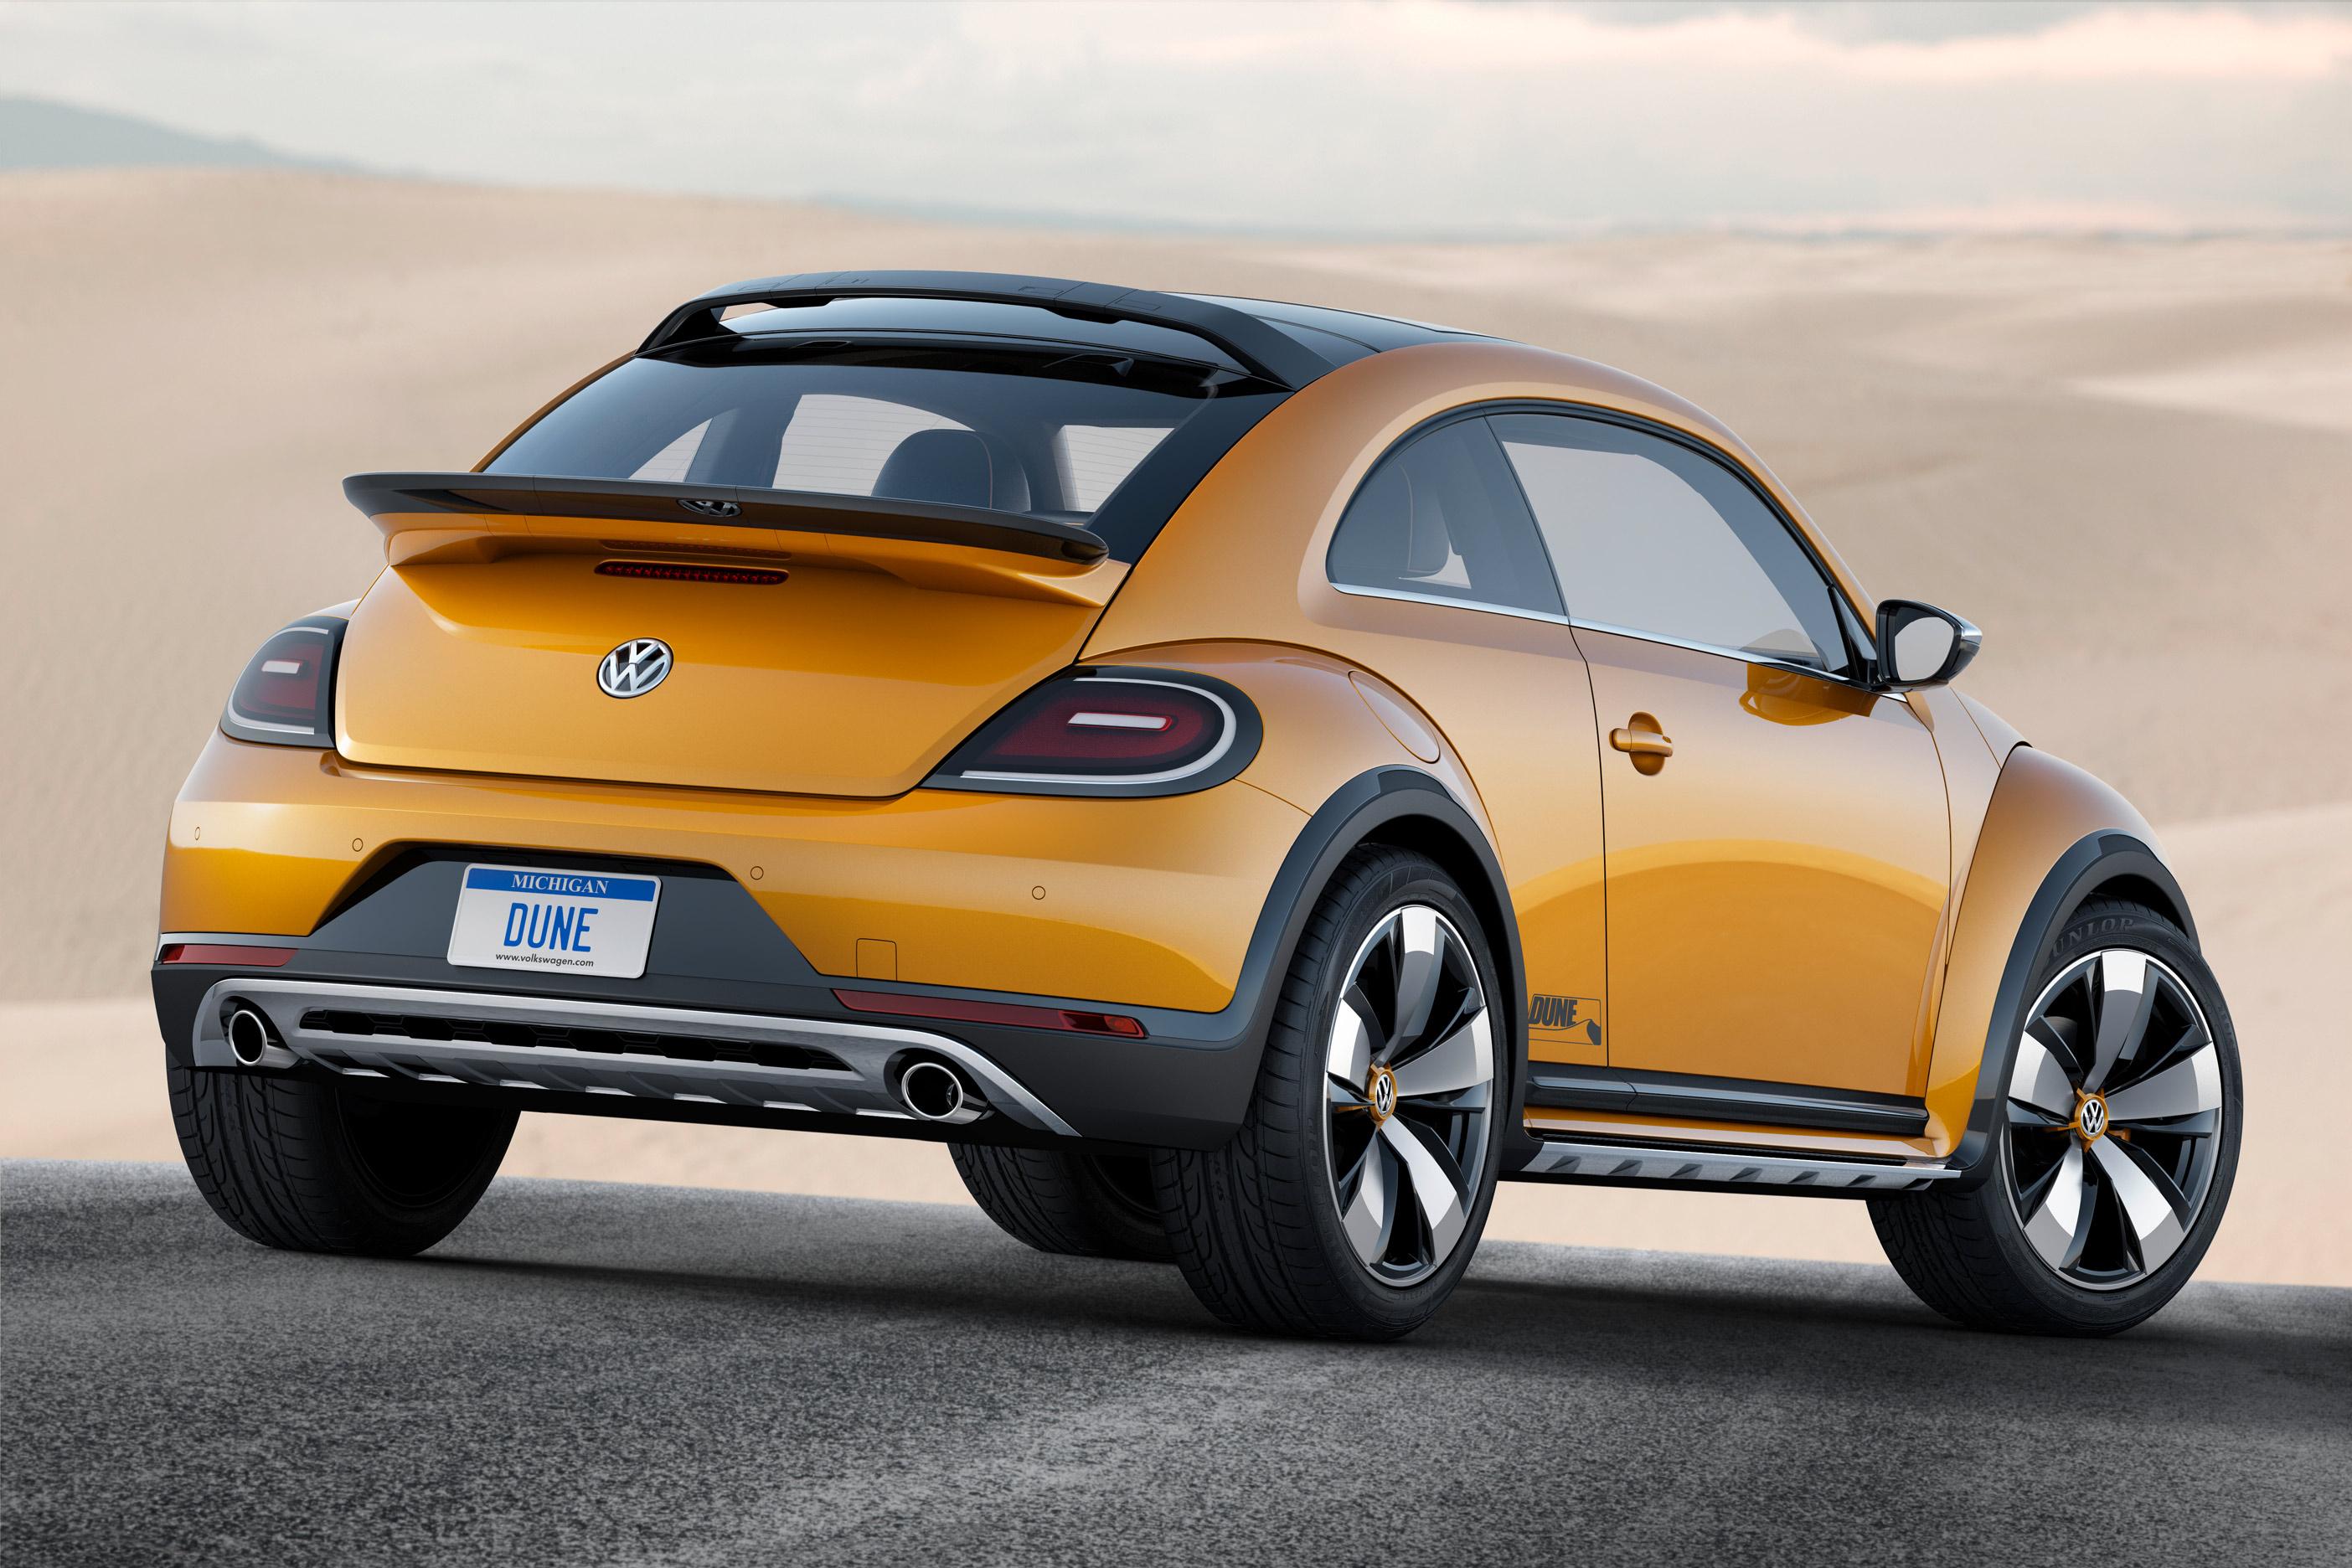 volkswagen-beetle-dune-4